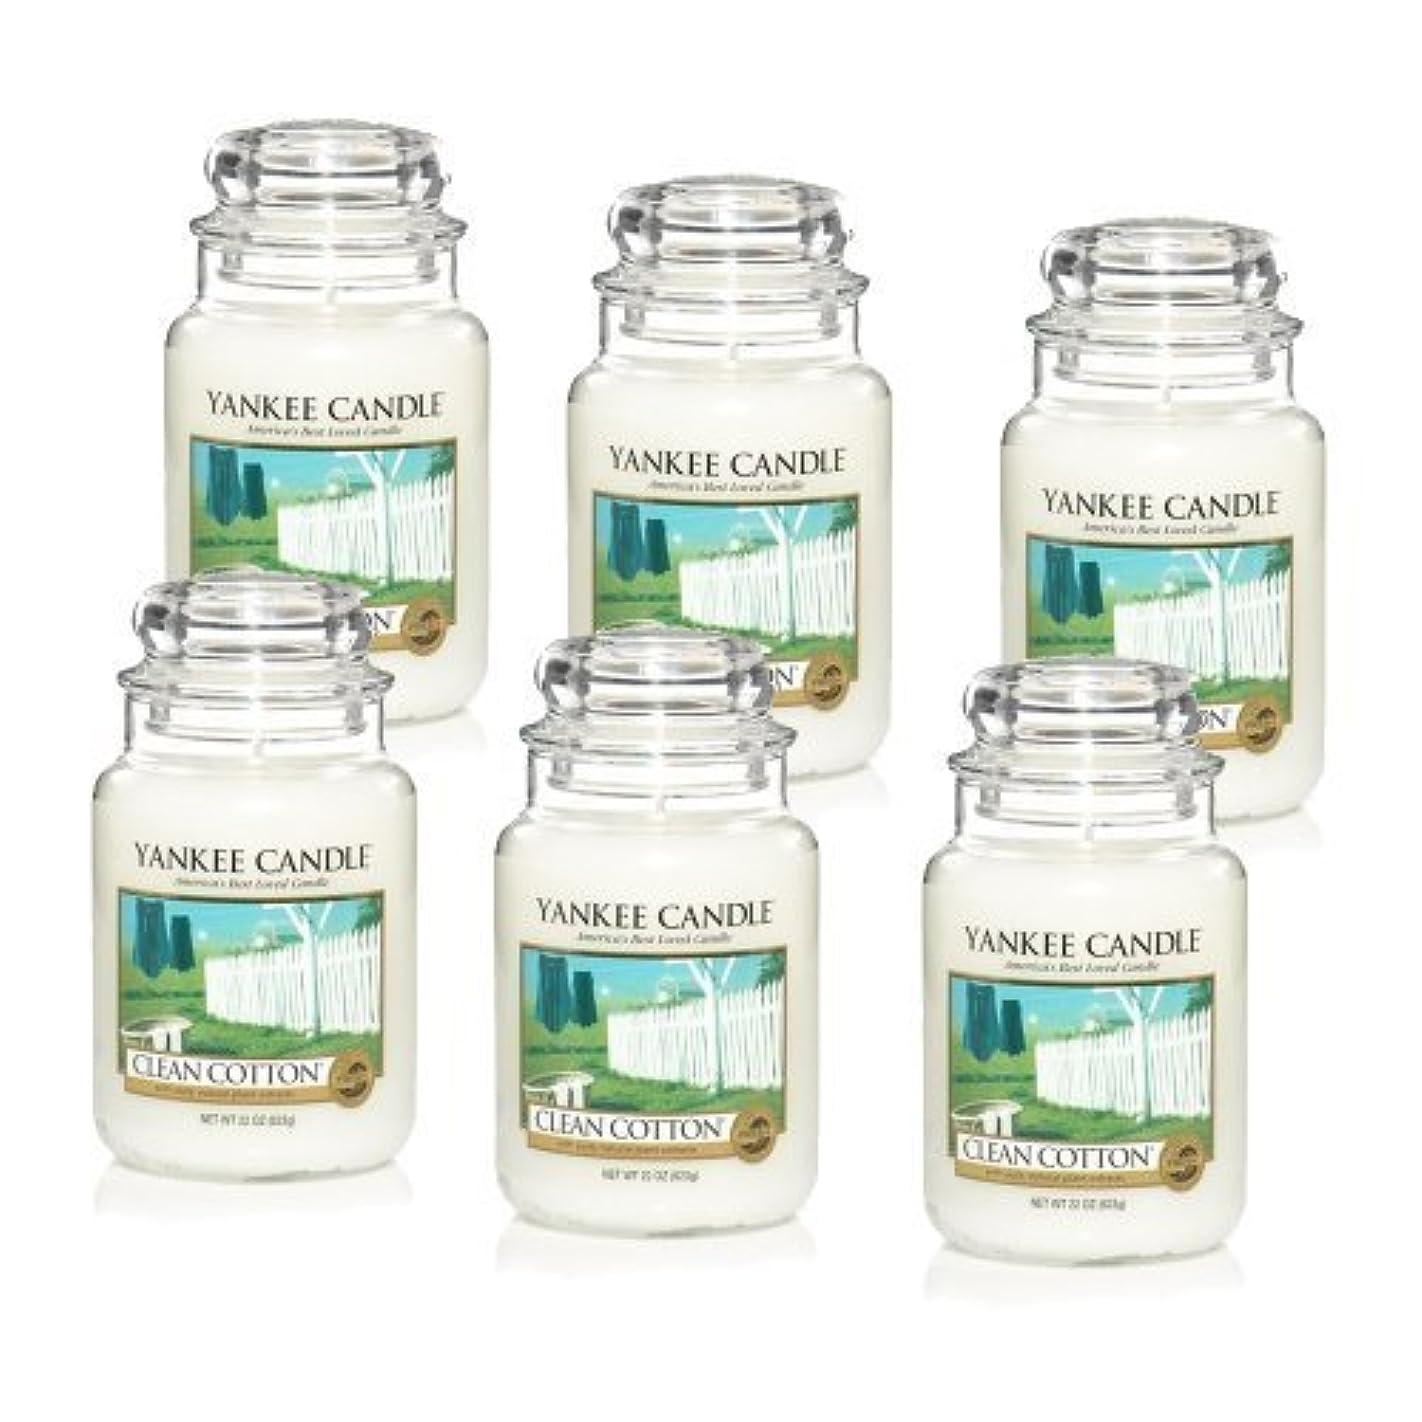 称賛とても多くの快いYankee Candle Company Clean Cotton 22-Ounce Jar Candle, Large, Set of 6 by Amazon source [並行輸入品]